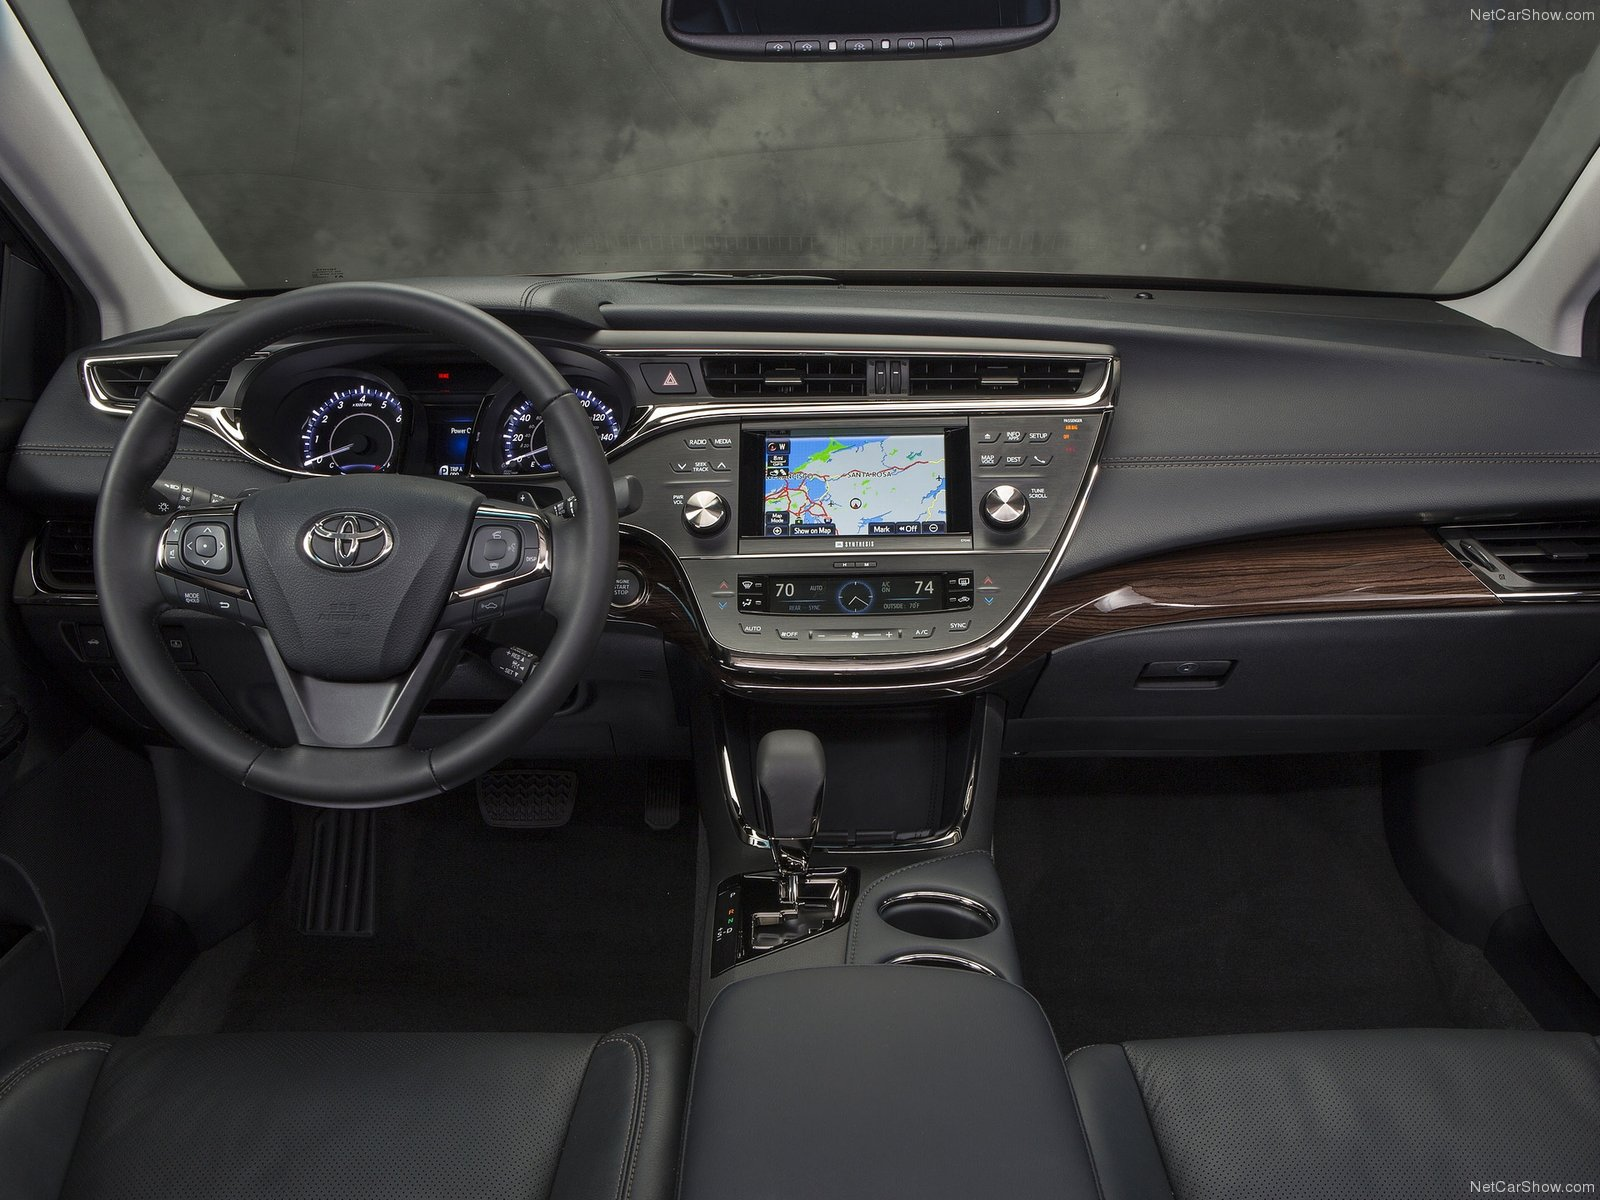 اسعار صور أفلون الجديدة Toyota Toyota-Avalon_2013_1600x1200_wallpaper_19.jpg